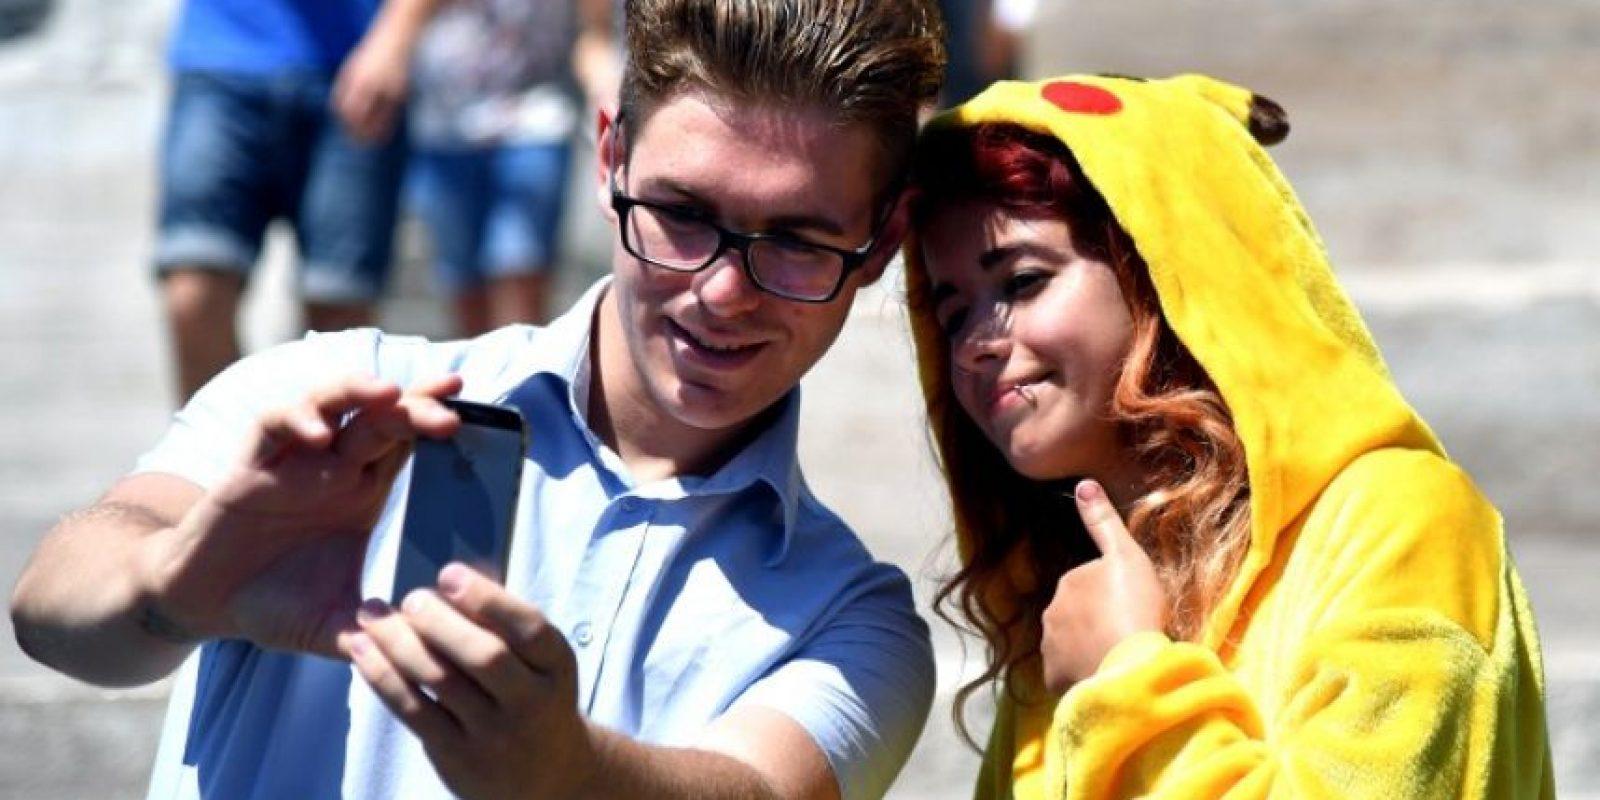 Desde su estreno mundial, Pokémon Go fue un éxito rotundo, rompiendo en pocos días la mayoría de los récords de las aplicaciones para celulares Foto:Getty Images. Imagen Por: